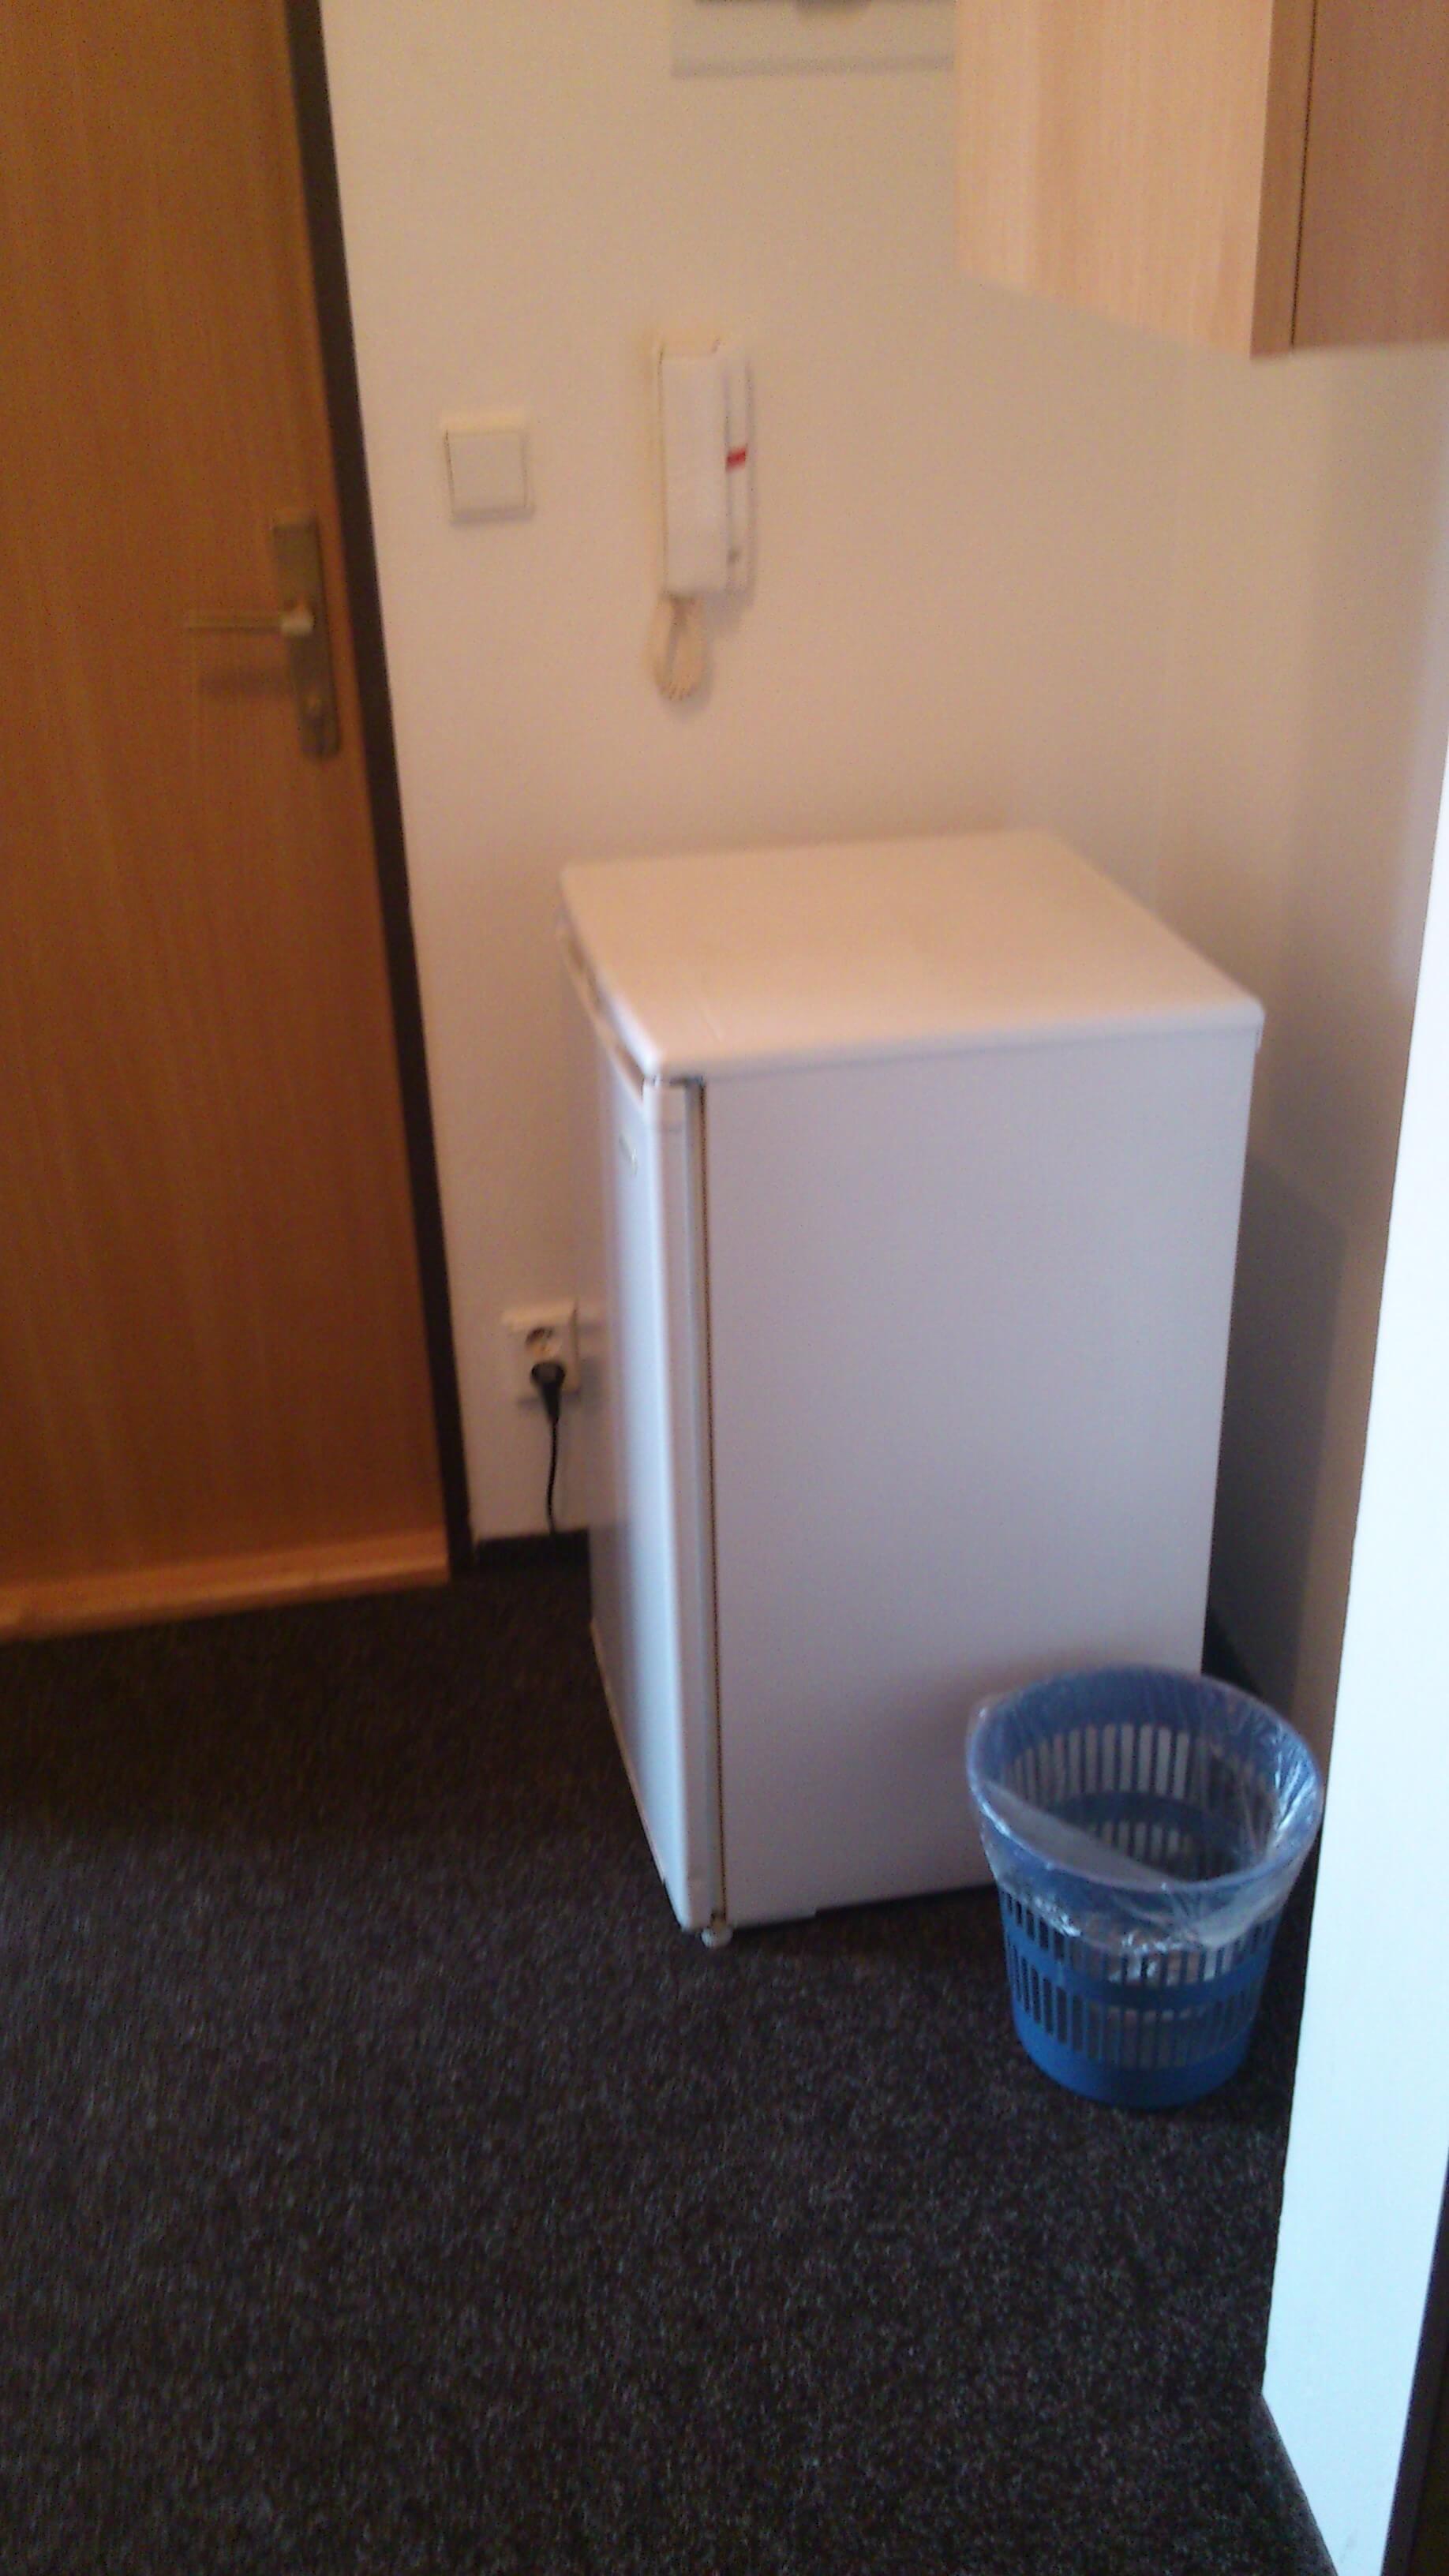 Kühlschrank (c) familienfreund.de